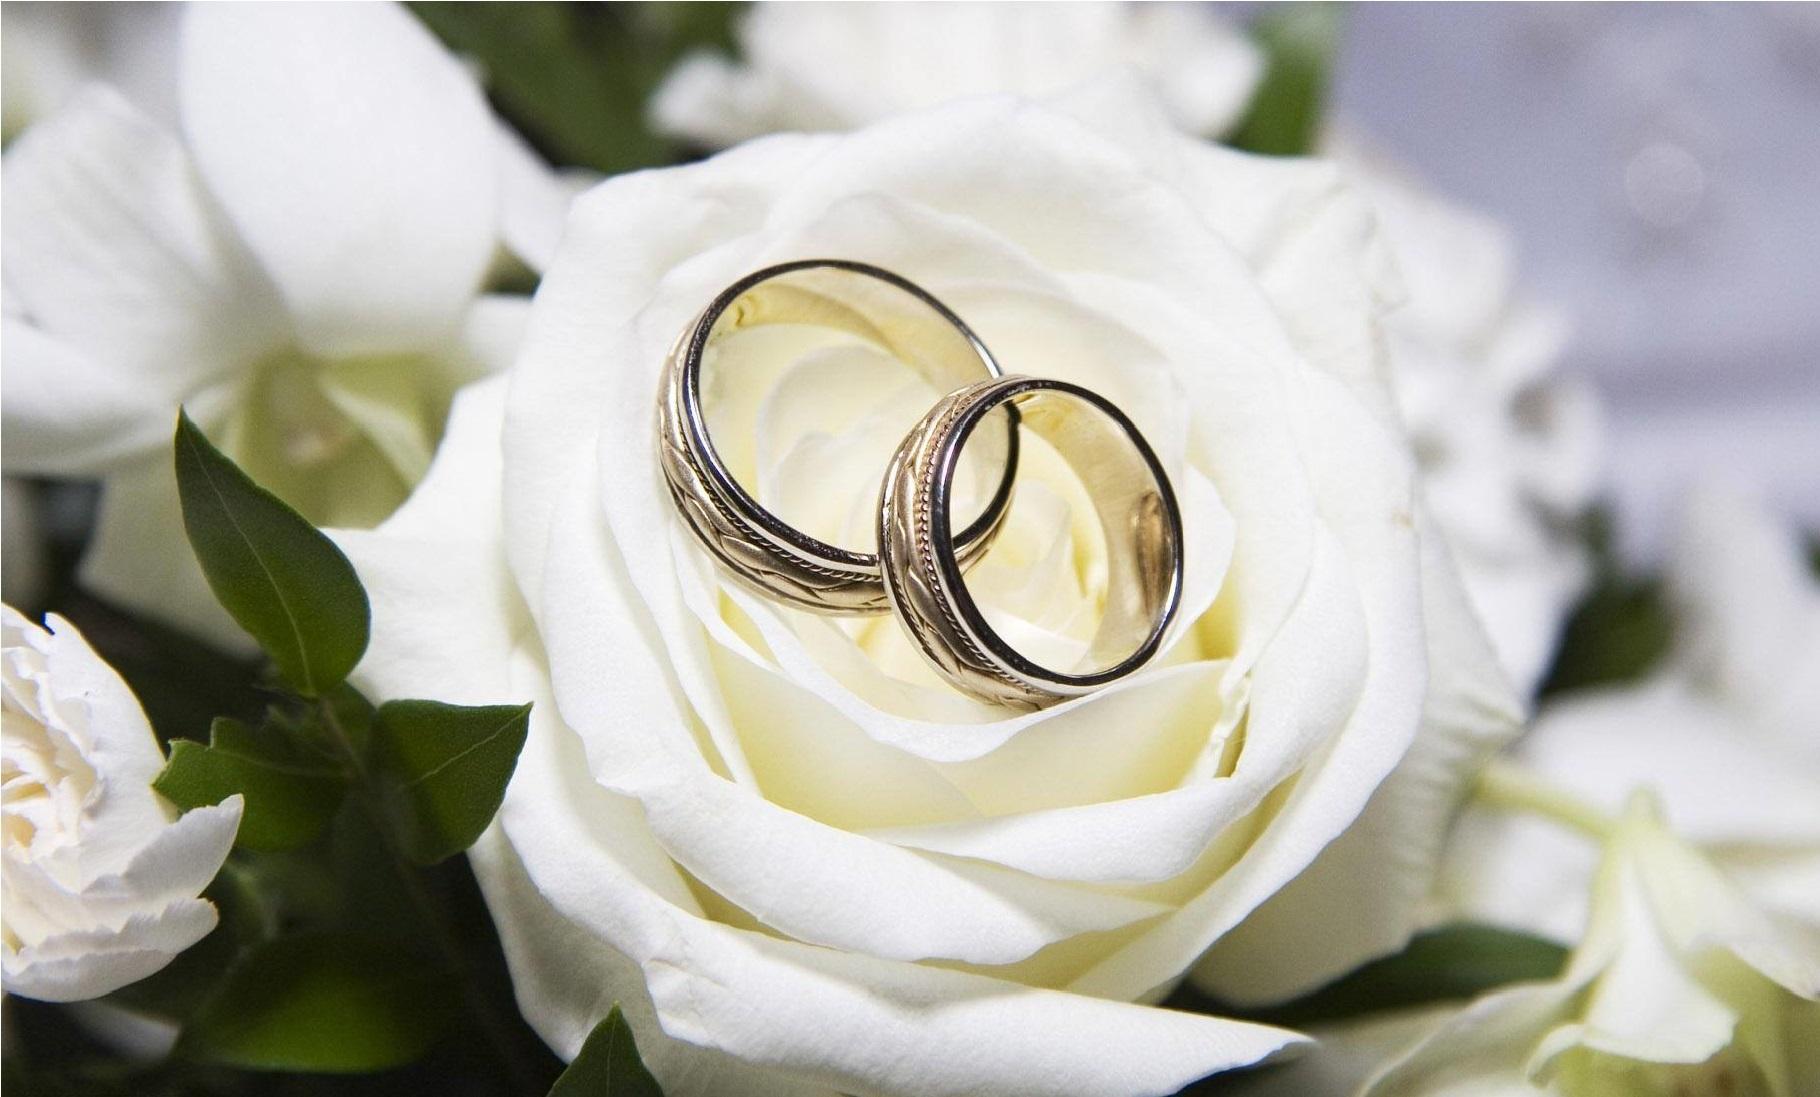 نمايندگي،آيات،بردار،خداوند،صالحي،آرامش،ازدواج،محبت،مودت